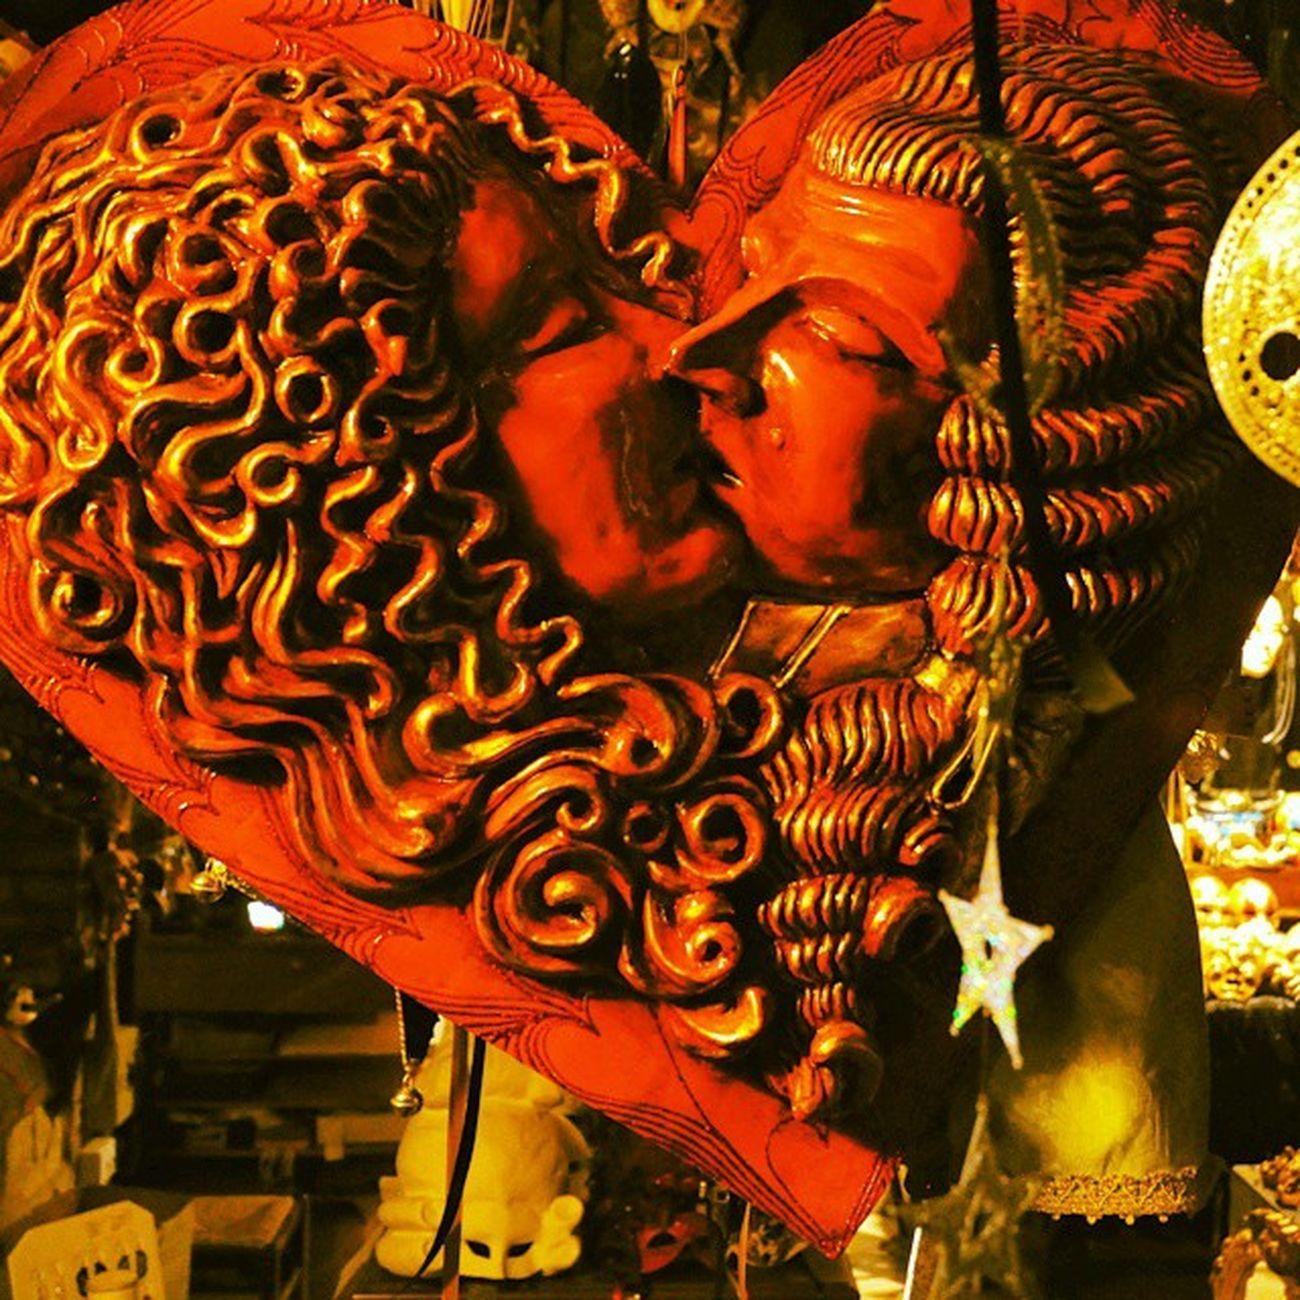 Ein Herz für Venedig: Beginnen wir mit der Serie der Nachtaufnahmen, die ich leider erst Zuhause von der Kamera laden konnte. Gestern sind wir wieder in Düsseldorf gelandet und vermissen Italien und die anderen Teinehmer der Bloggerreise nach Bibione . Was hilft mehr, als in ein paar schönen Momenten zu kramen? Venedigbeinacht Italien Bibione5aquae Reiseblog Reise Love Art Red Woman Kiss Picwithastory Imagewithmeaning Bild: Eine venezianische Handarbeit aus einem kleinen Schaufenster, das erfrischend andere Waren und Kunstwerke bot, als die typischen Läden, auf den Hauptstraßen. Zu viele Geschäfte verkaufen hier einfach das gleiche Sortiment, das garantiert NICHT aus Venedig (und noch weniger aus Italien stammt). Das kleine Geschäft in einer versteckten Seitenstraße im alten Venedig war bei unserem Besuch leider geschlossen - wen wundert es, es war etwas nach 2 Uhr in der Früh😉 Es bleibt nur die Erinnerung ... von Deutschland lässt sich der Standort leider nicht mehr eingeben - schade Instagram! Tipp: Bei unserer Nachtwanderung durch Venedig war das Handy für Fotos ungeeignet, darauf sollte sich jeder Besucher der Stadt vorher einstellen.